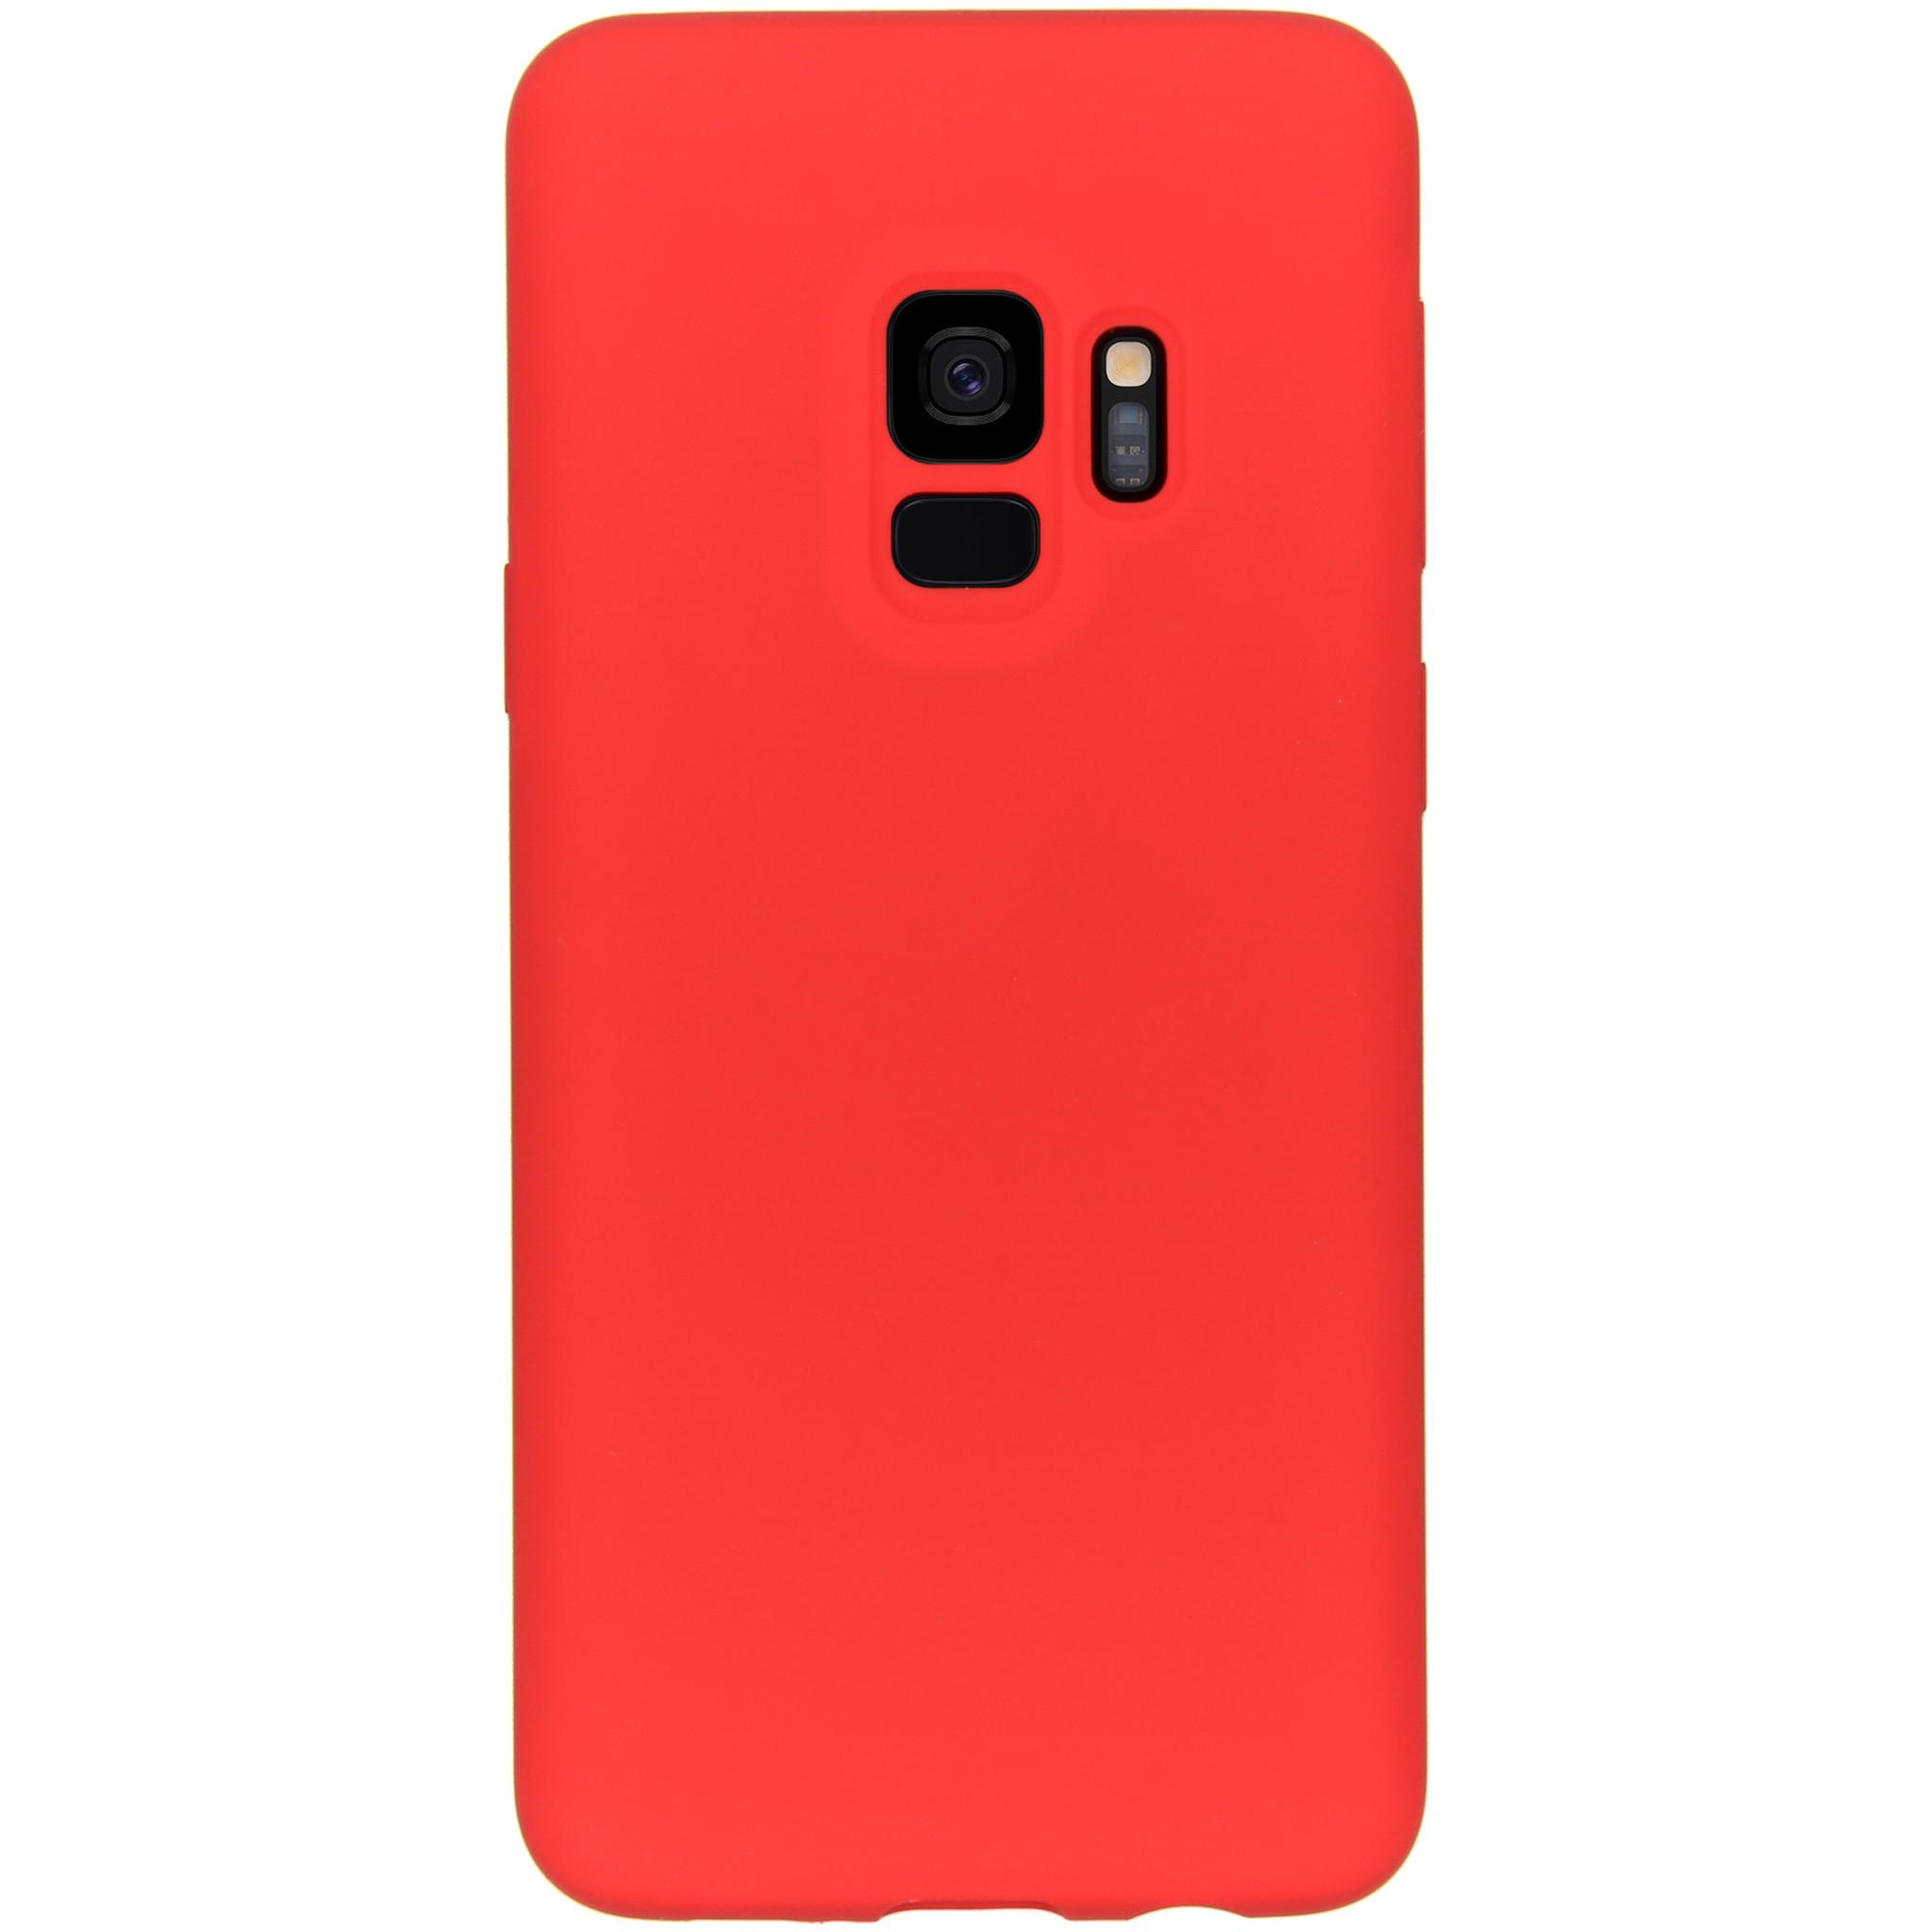 Accezz Liquid Silikoncase Rot für das Samsung Galaxy S9